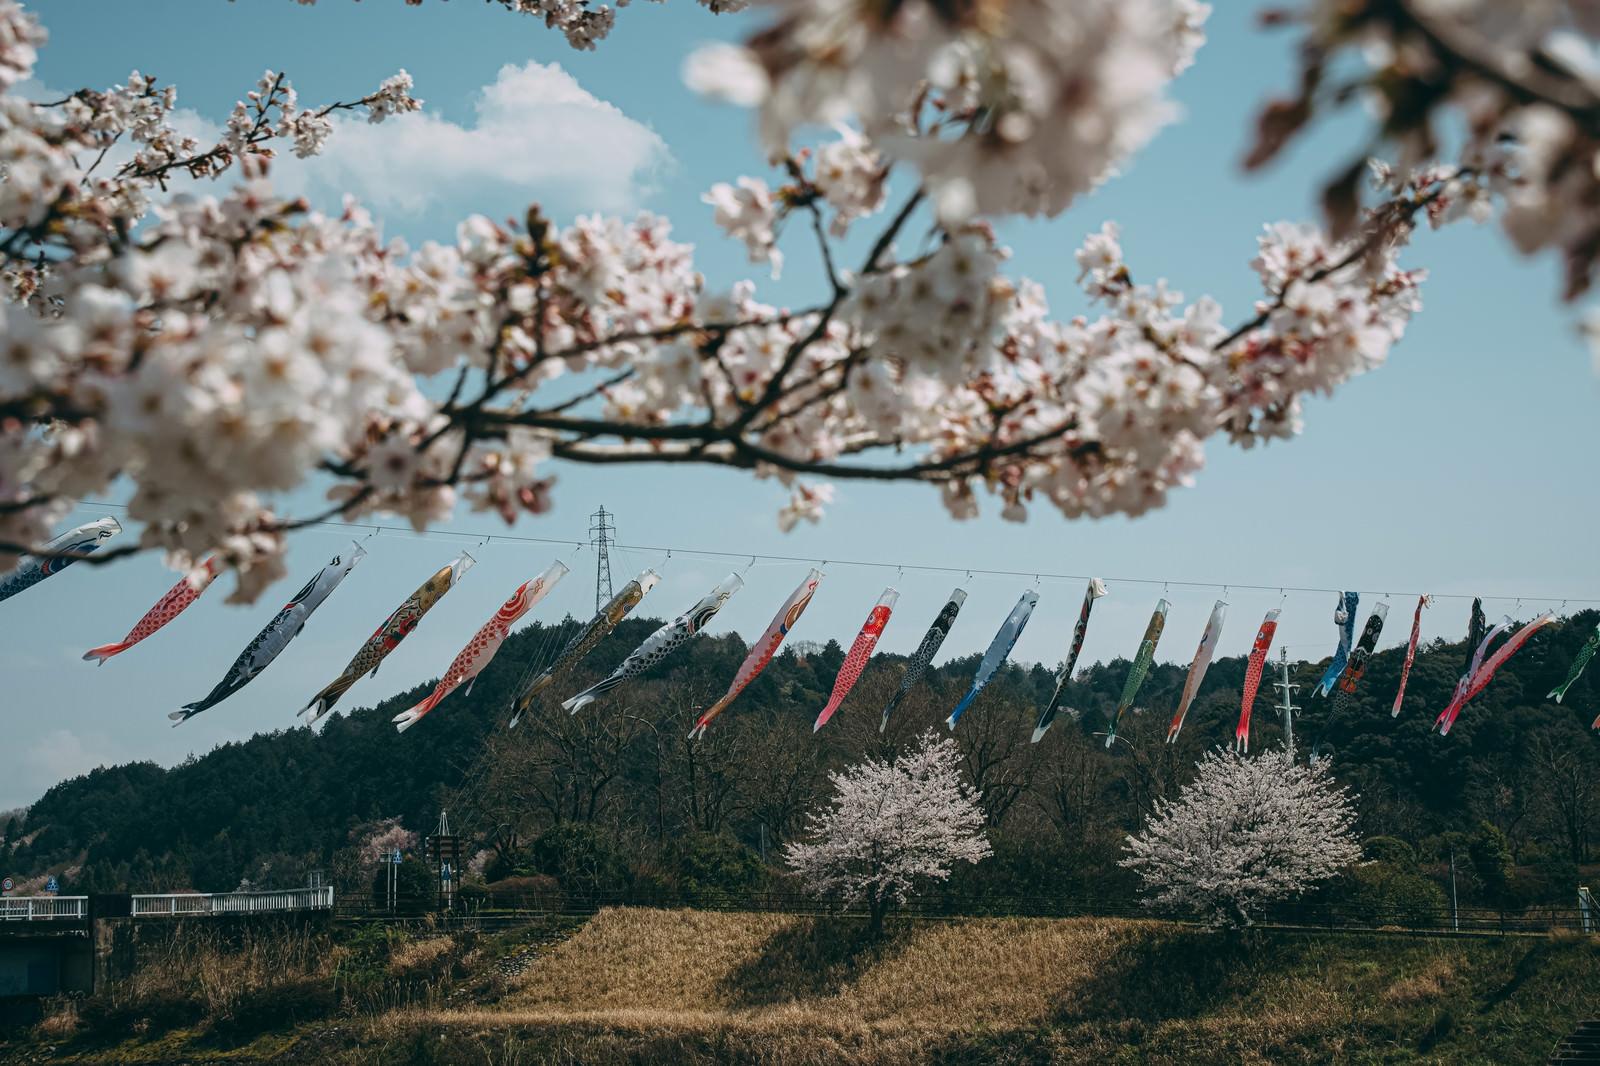 「桜の枝越しに並ぶ鯉のぼり」の写真